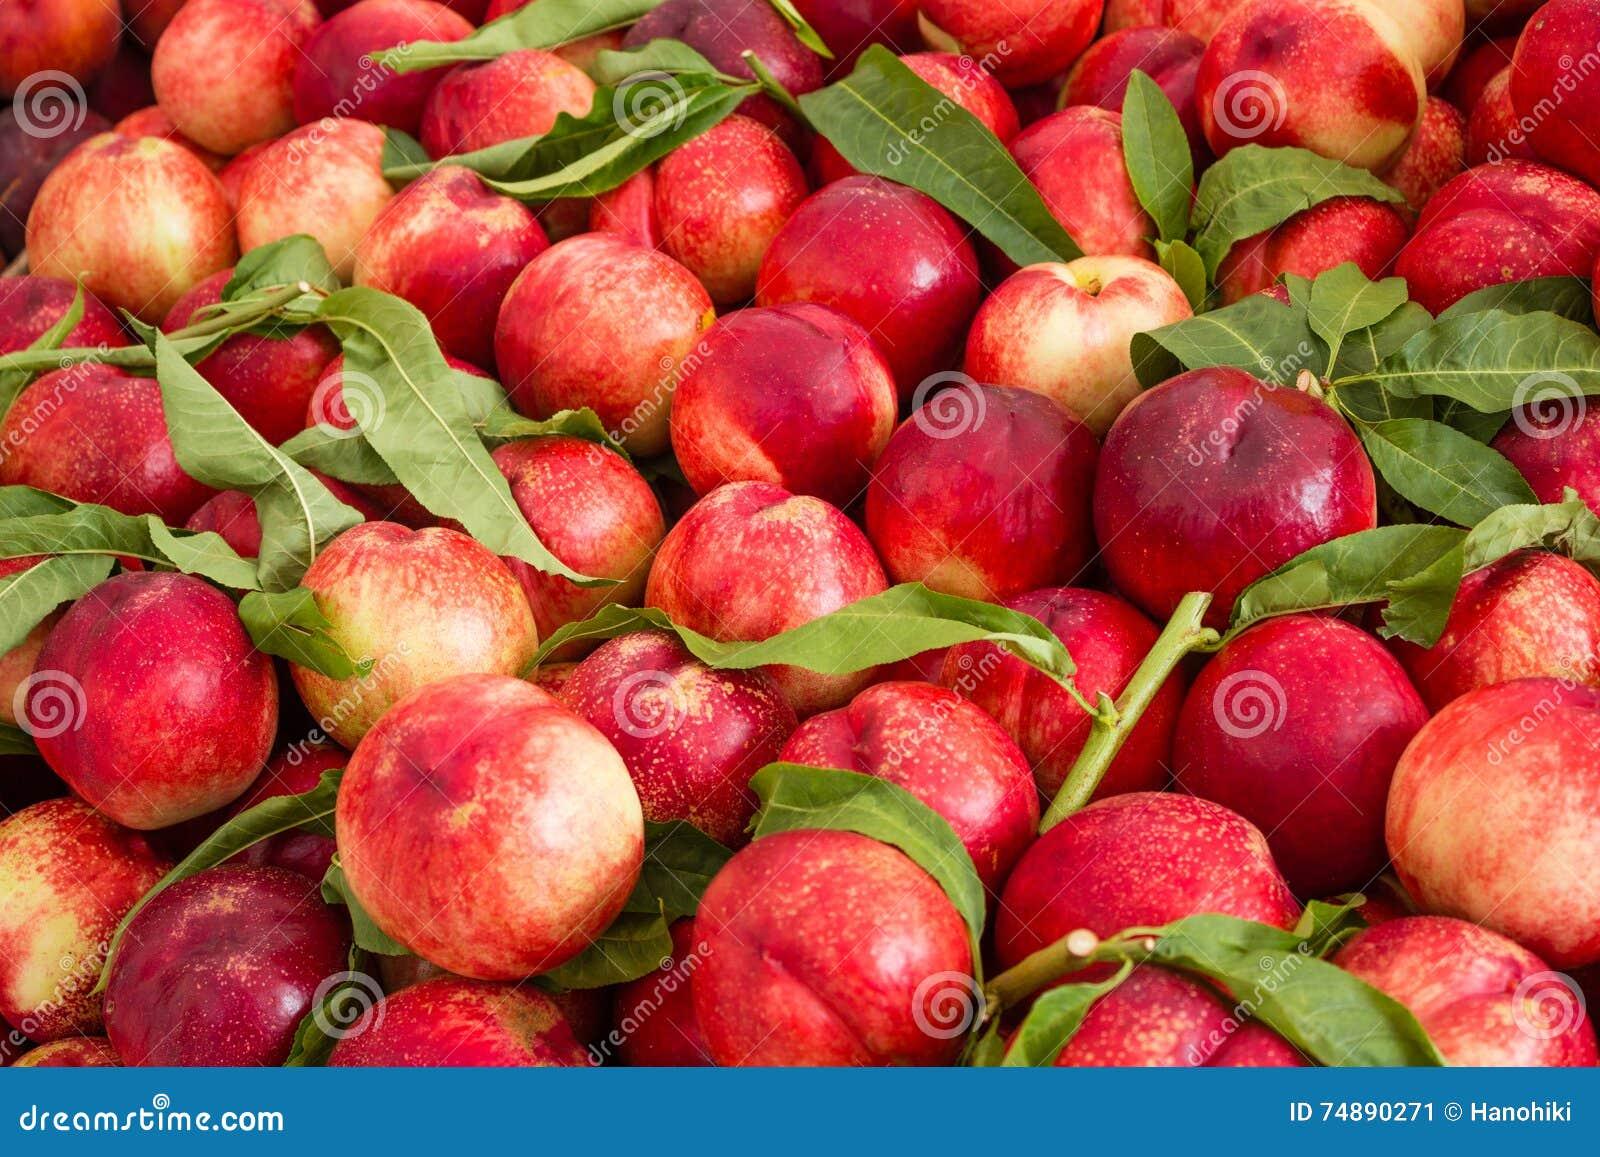 Fundo do fruto, nectarina/fruto dos pêssegos